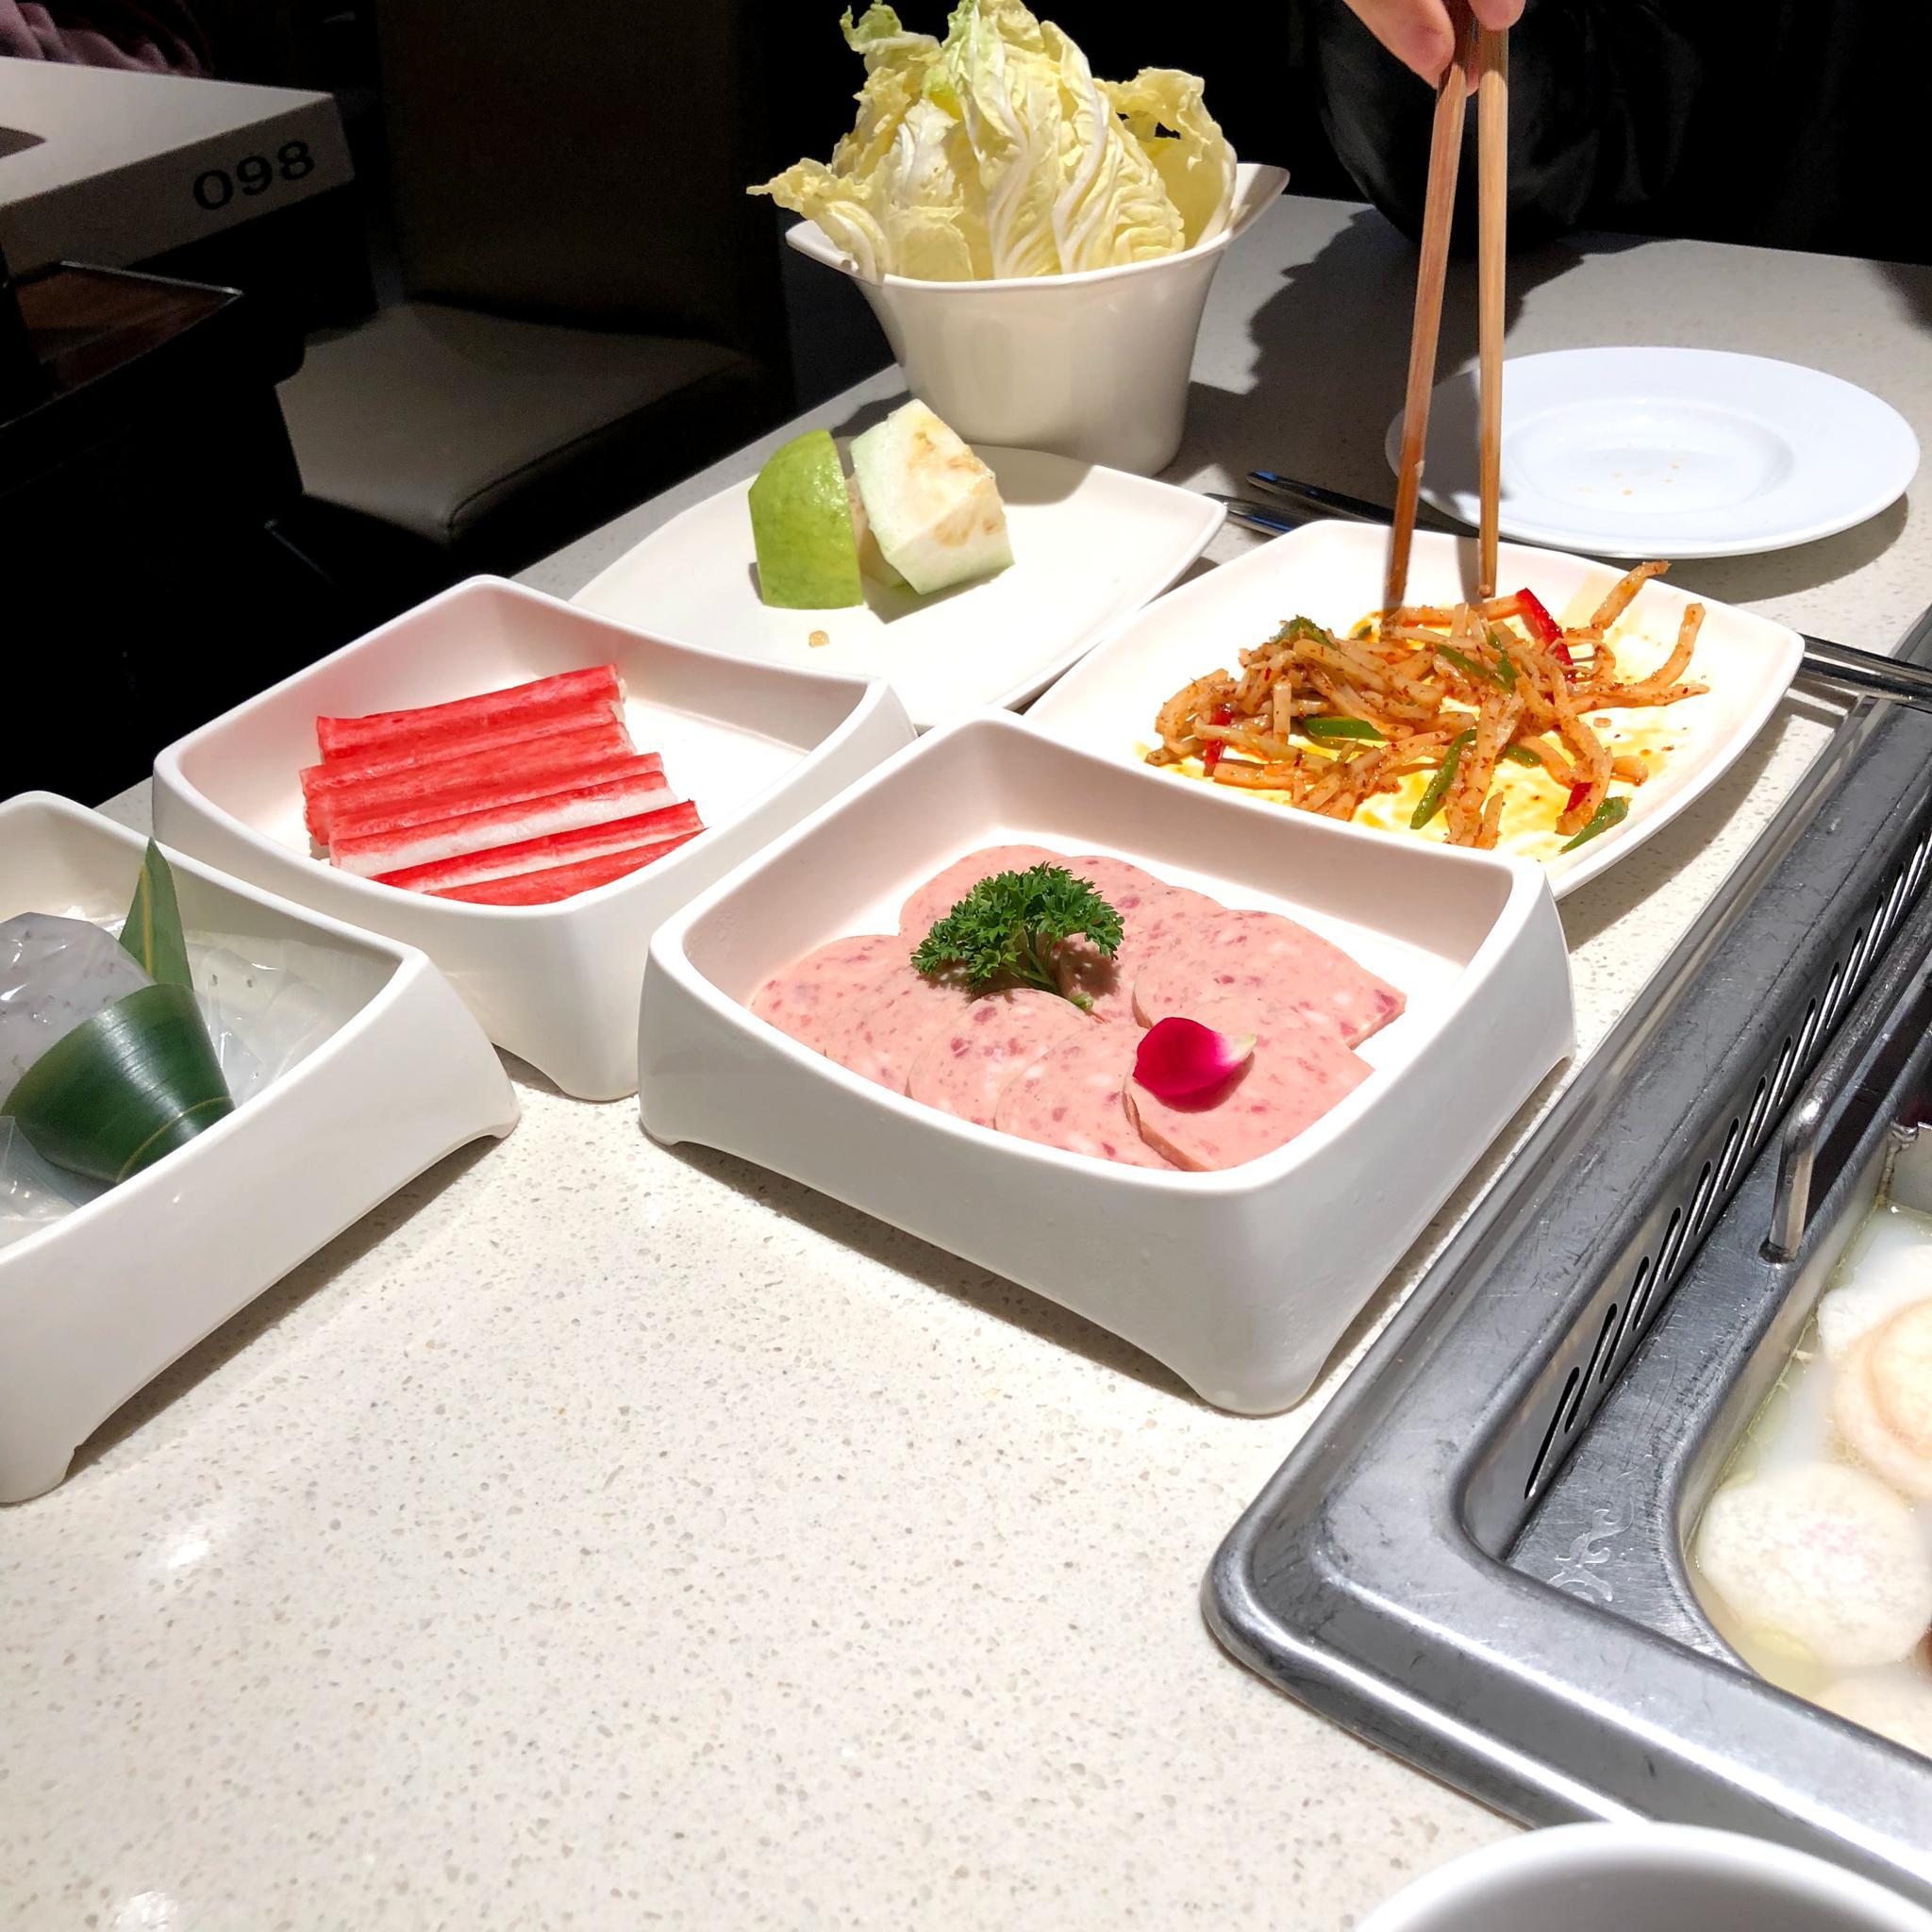 v吃法一下吃法捞网红海底,蟹蟹送的阿根廷红虾现代领动和奔腾b50参数对比图片